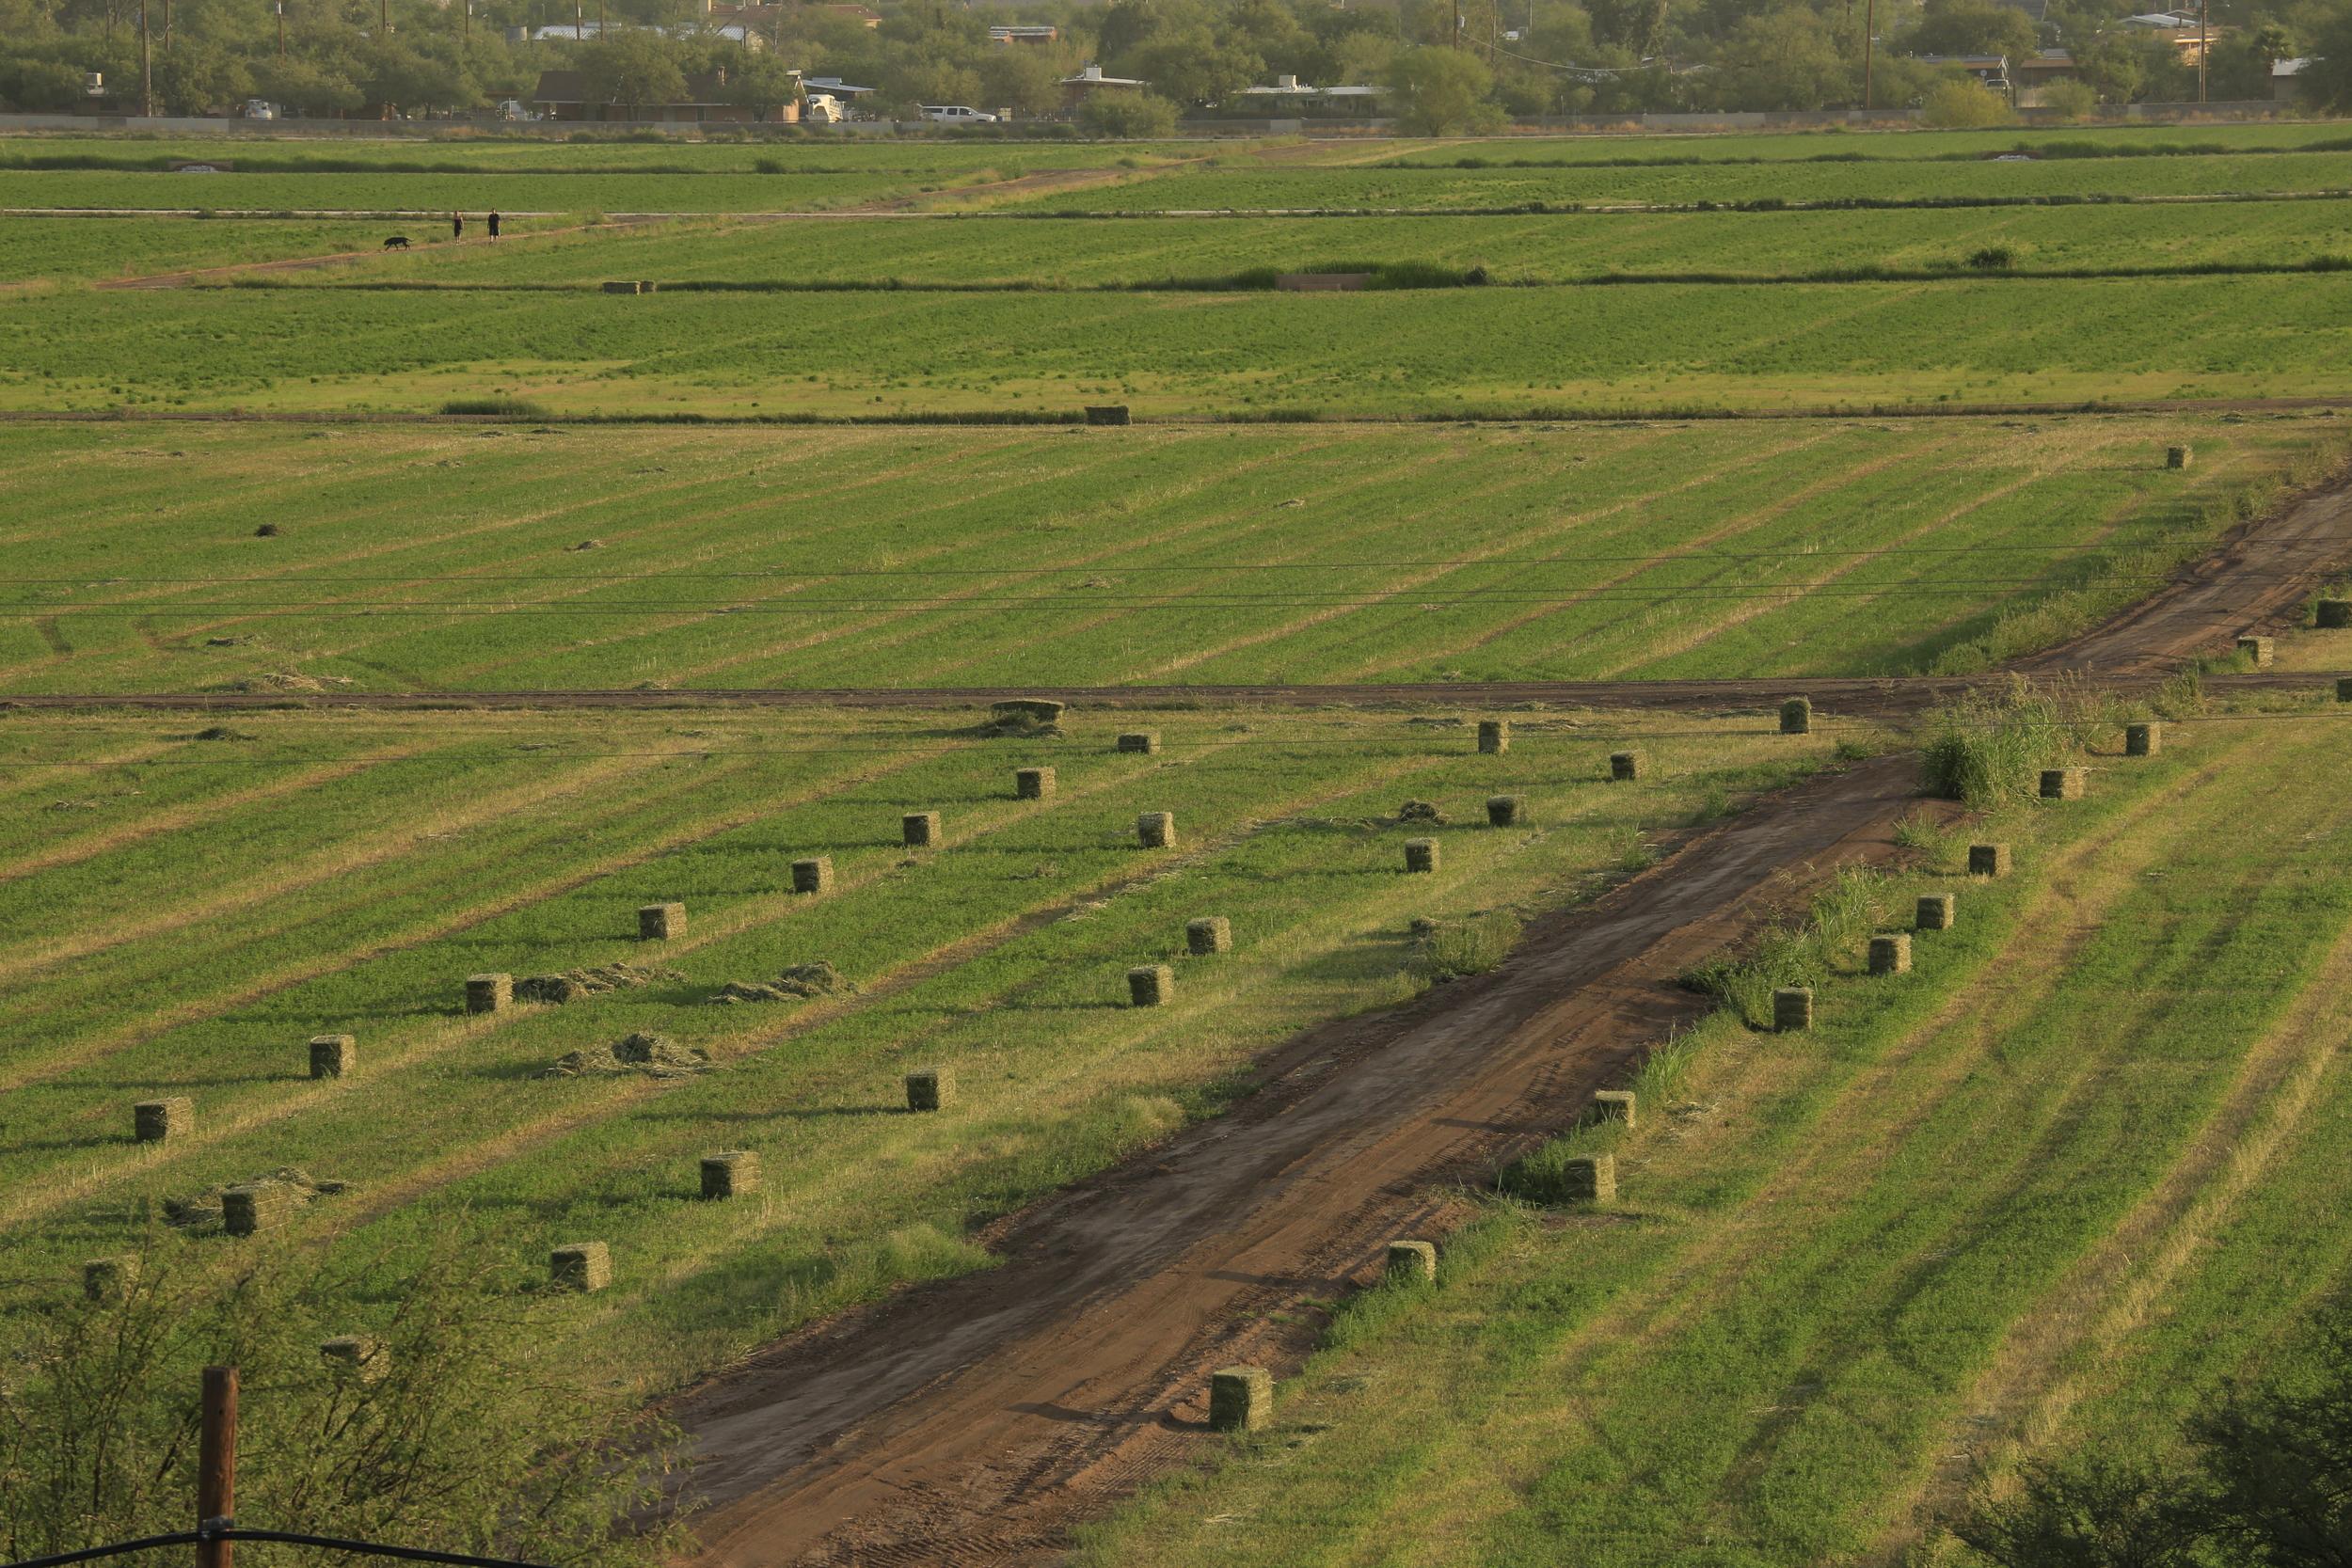 Hay being baled at San Xavier Farms